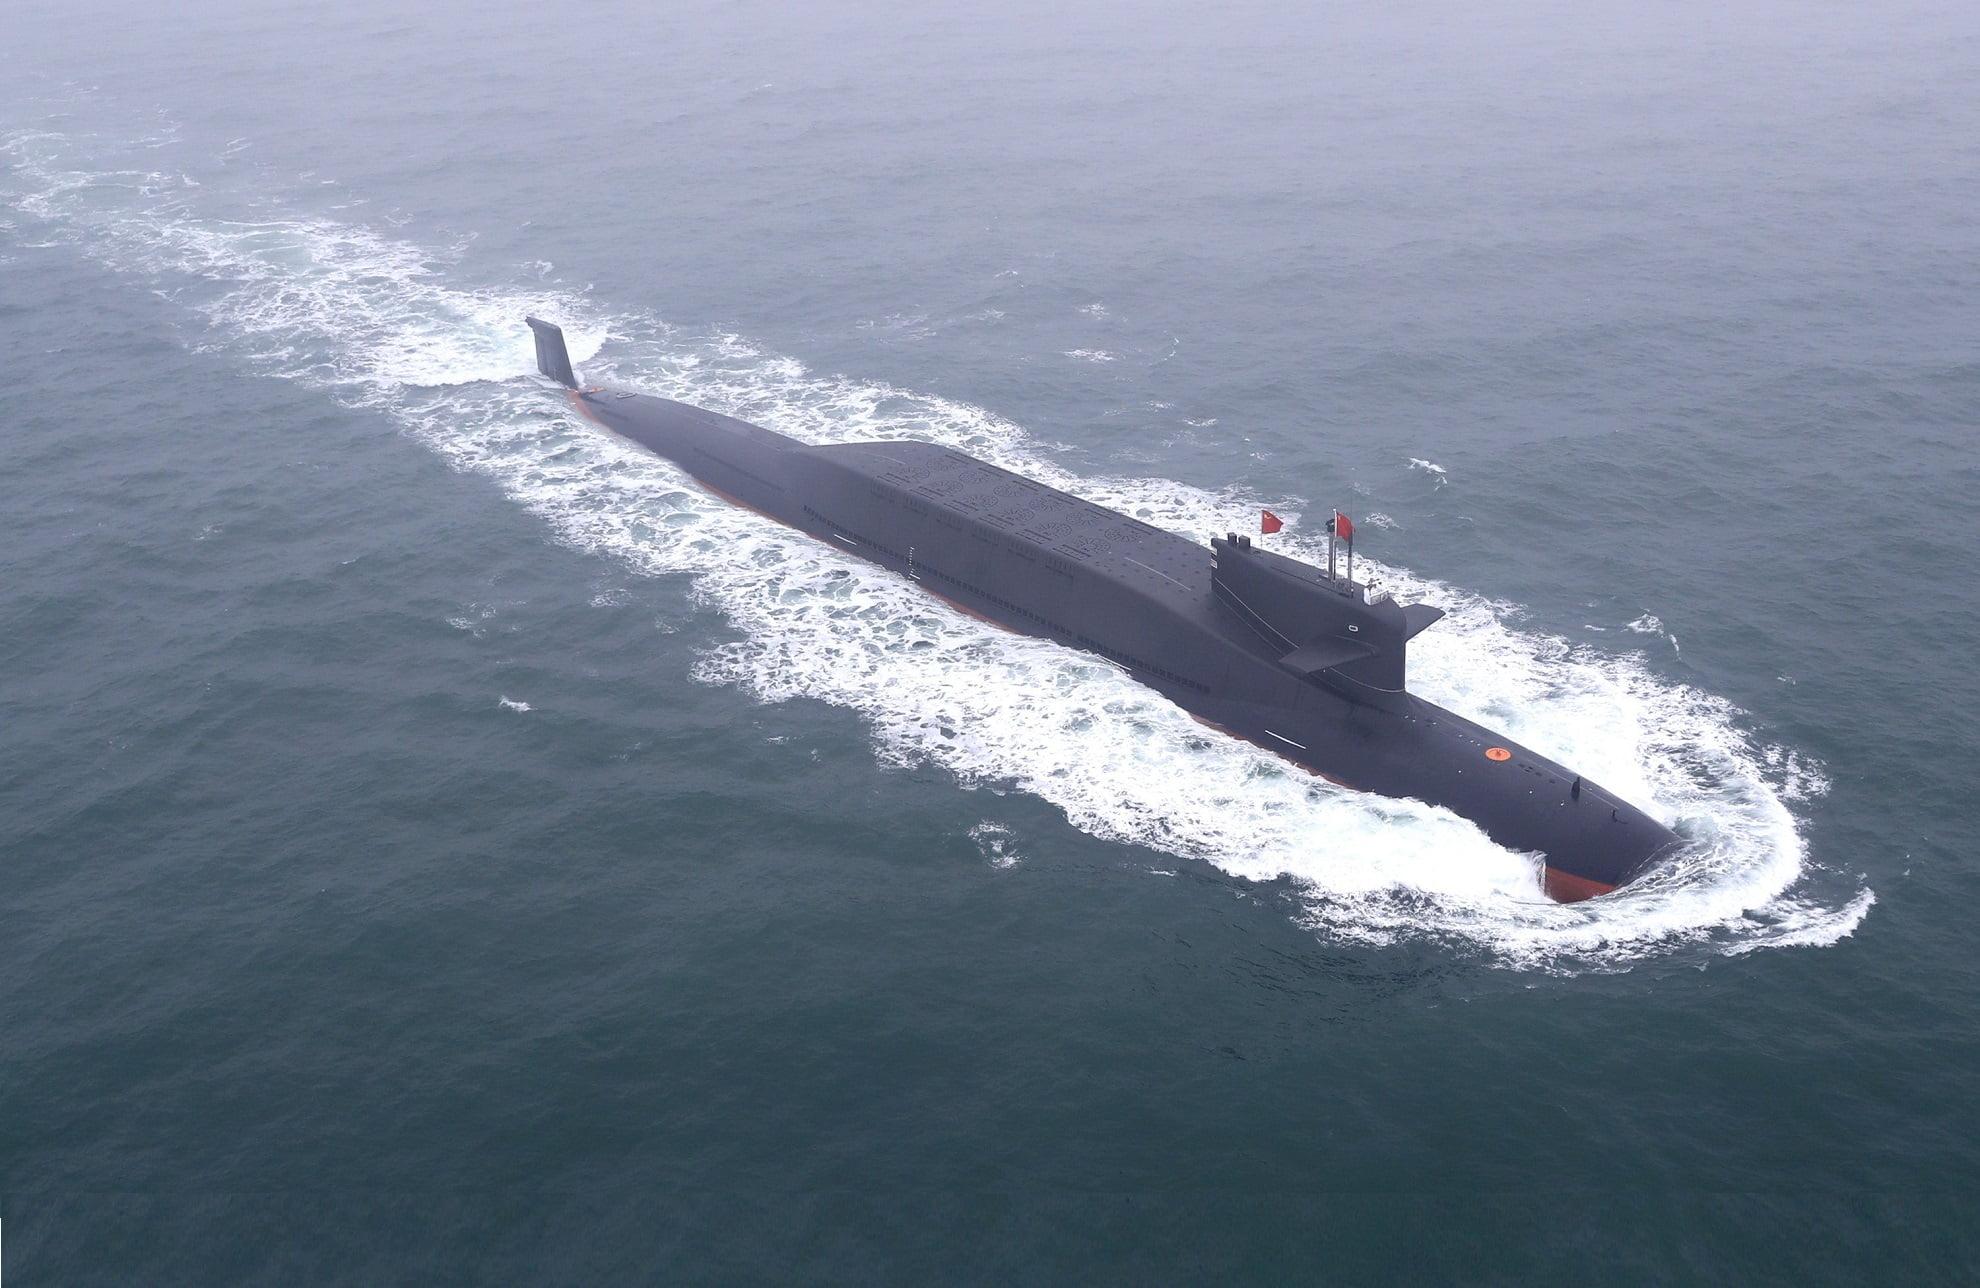 Bị TQ dồn ép, Đài Loan hồi sinh kế hoạch sản xuất vũ khí hạng nặng chưa từng có - Ảnh 1.